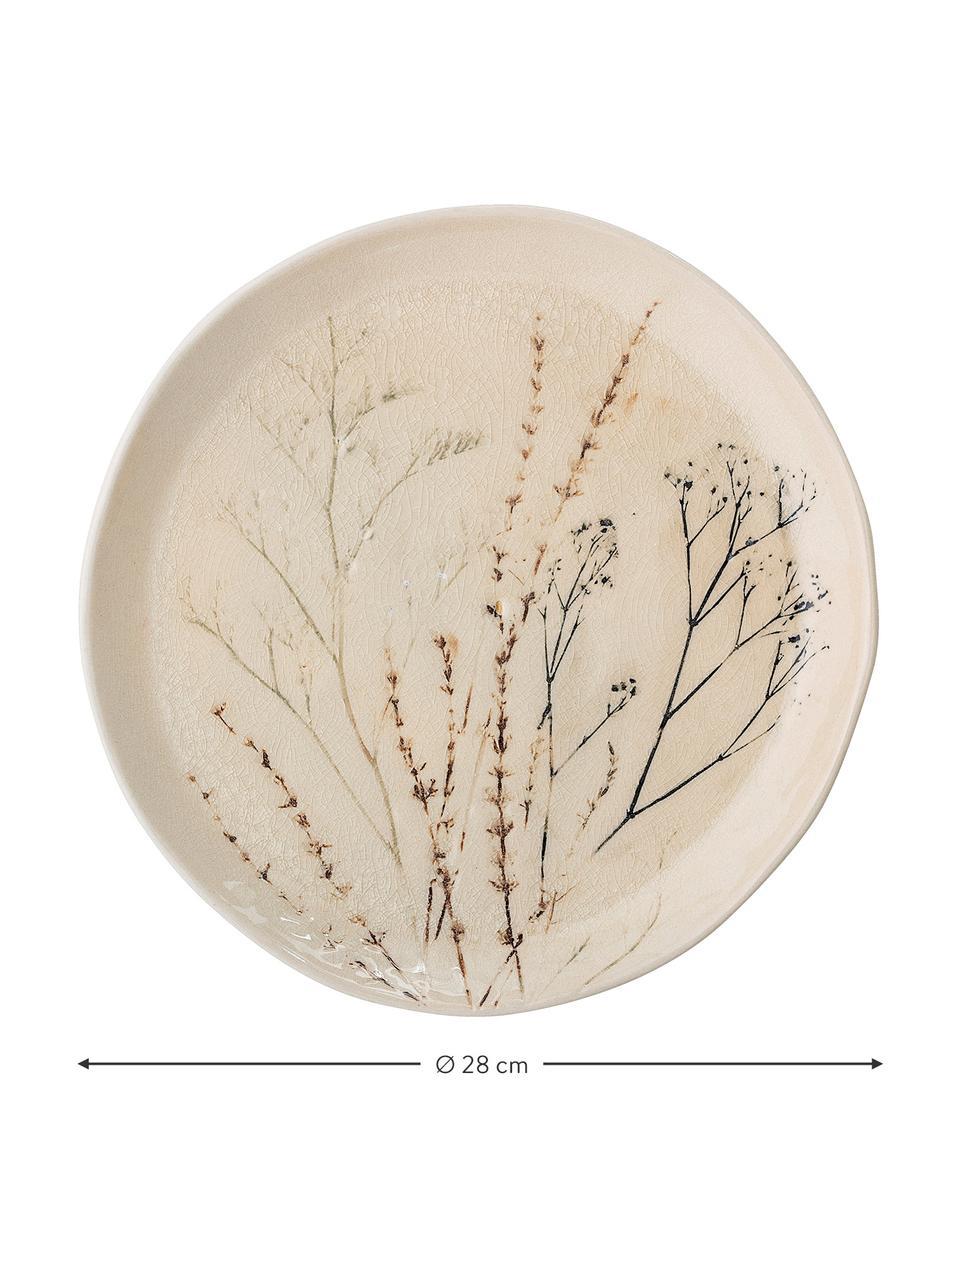 Handgemachte Steingut-Servierplatte Bea mit Gräser-Motiv, Ø 28 cm, Steingut, Beige, Mehrfarbig, Ø 28 cm